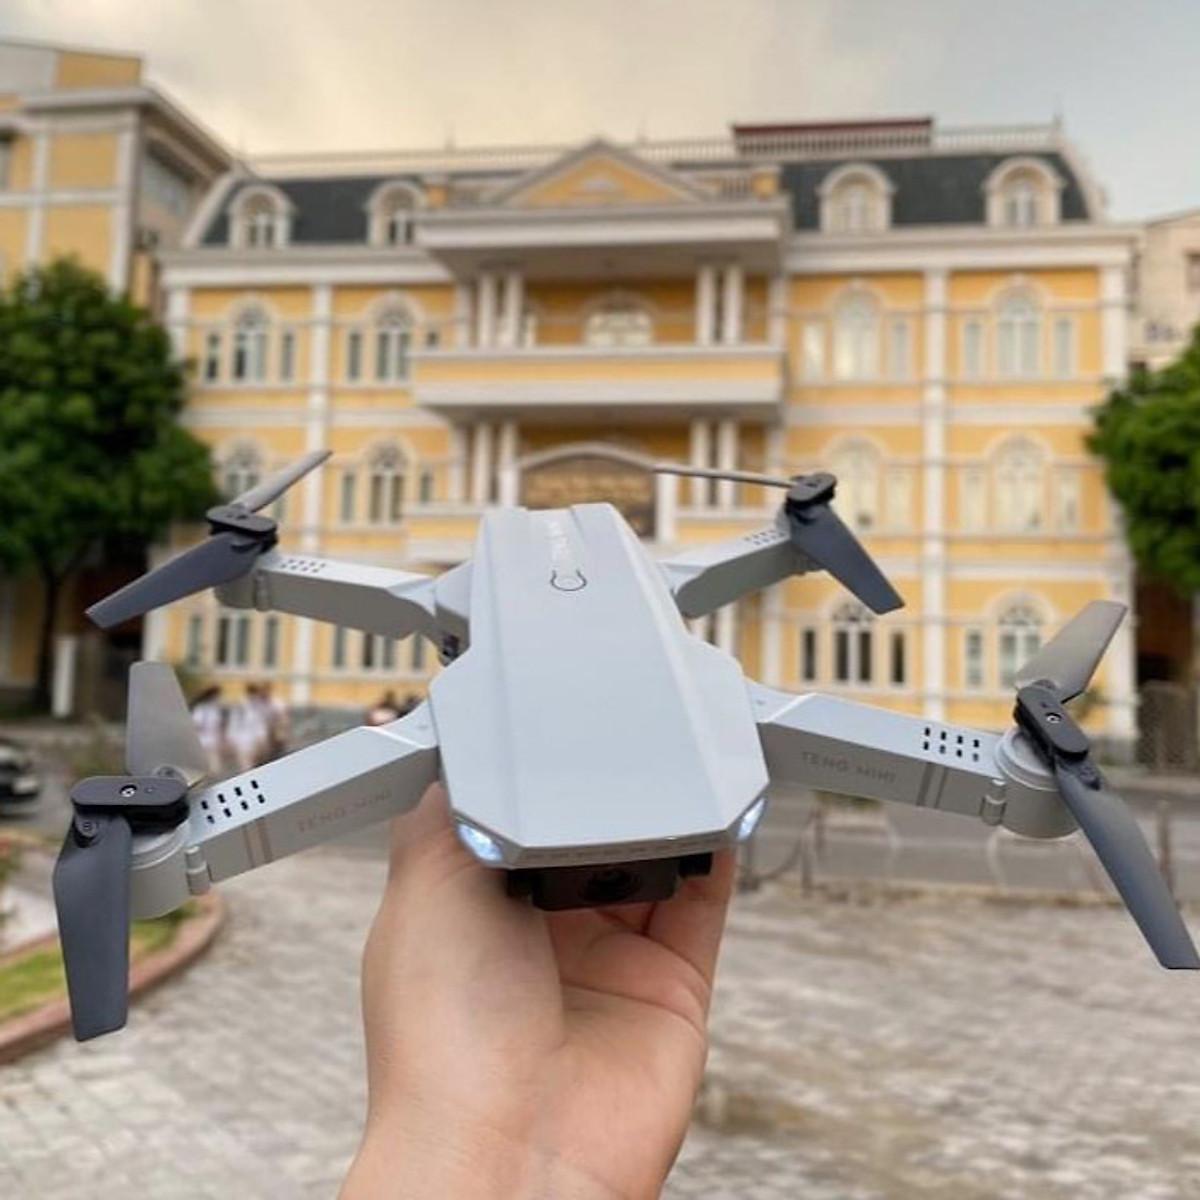 Flycam mini Pro 4K, gấp gọn truyền ảnh trực tiếp về điện thoại - Hàng chính  hãng   Thế Giới Gaming